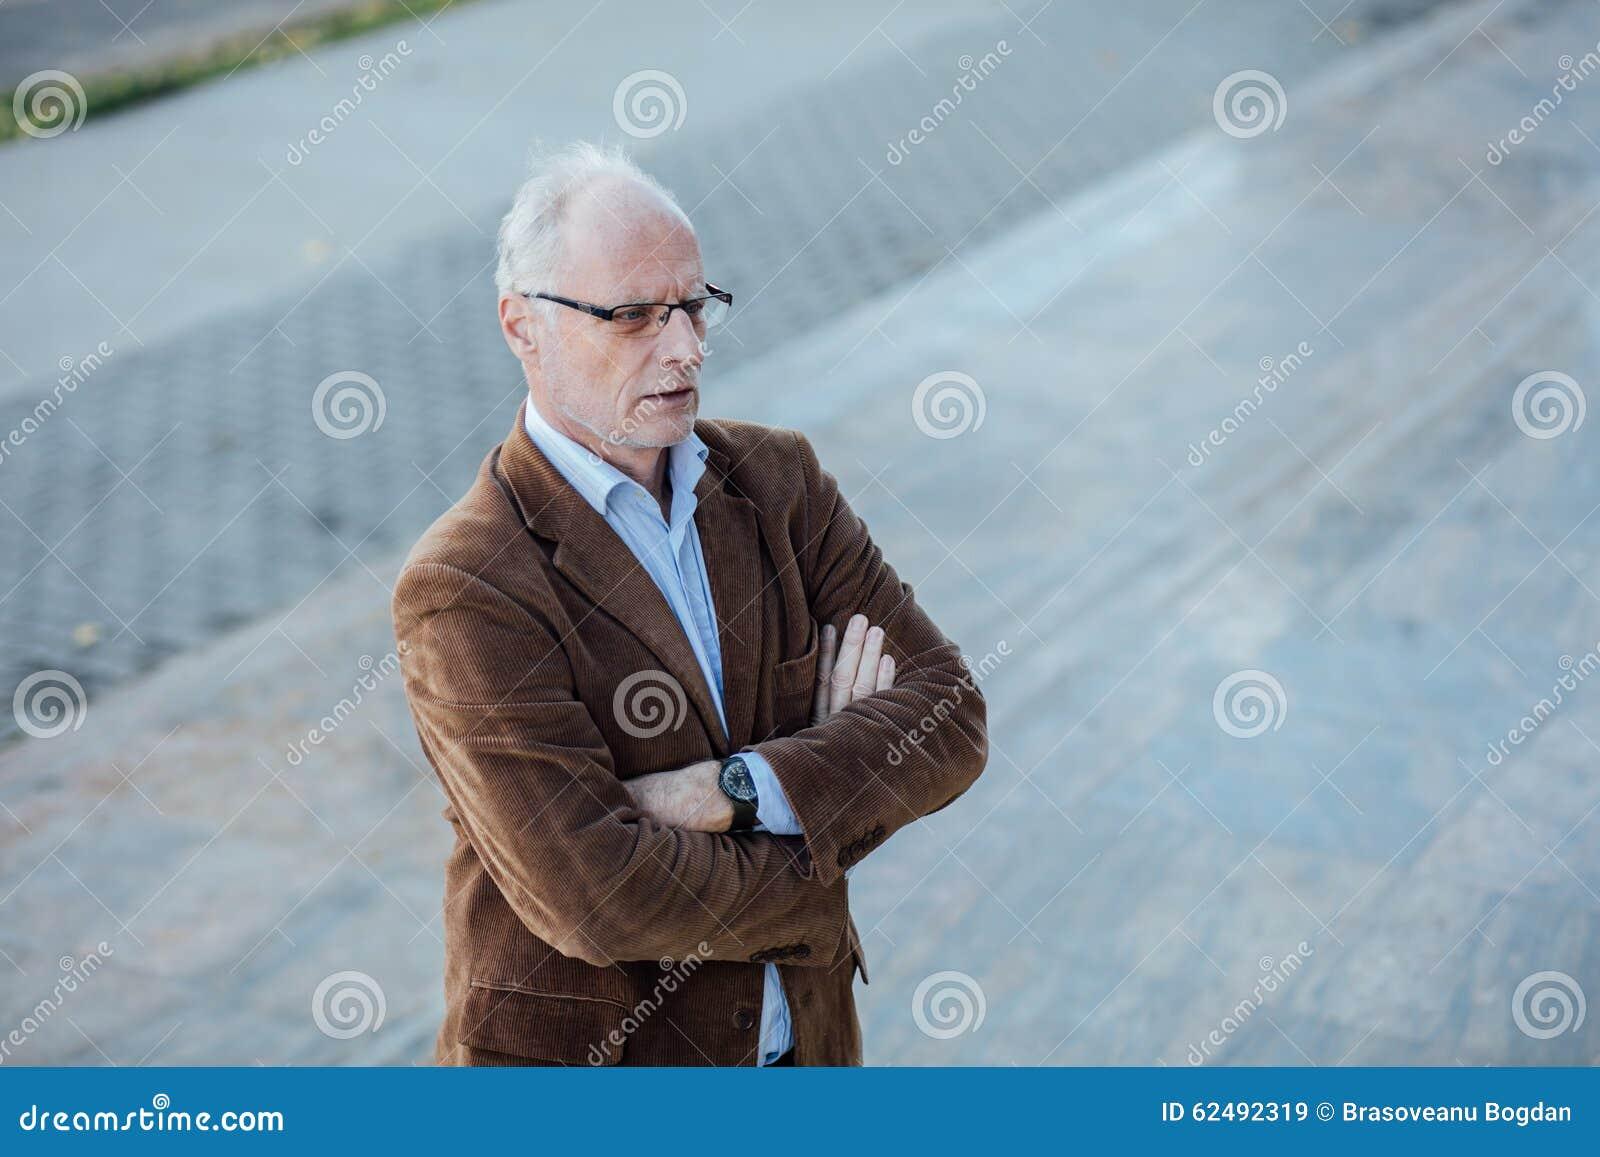 be3295517b573 Persona adulta con el pelo gris y haber vestido elegante de las lentes,  exterior en los pasos de un edificio de oficinas